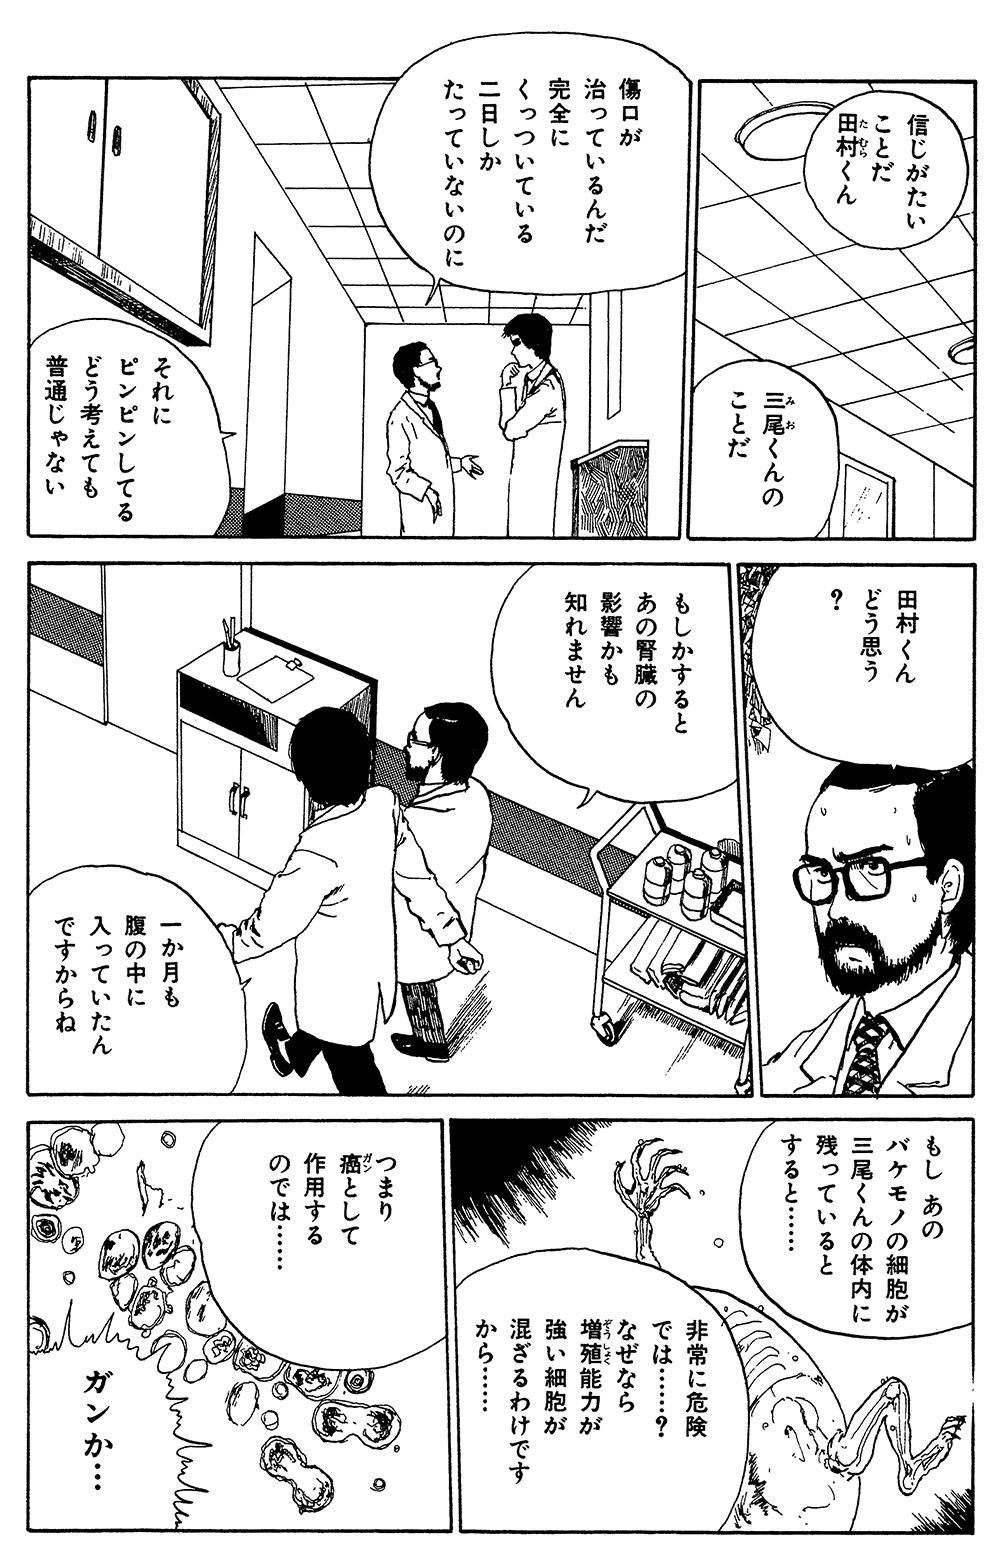 伊藤潤二傑作集 第3話「富江 地下室」②junji07-01.jpg